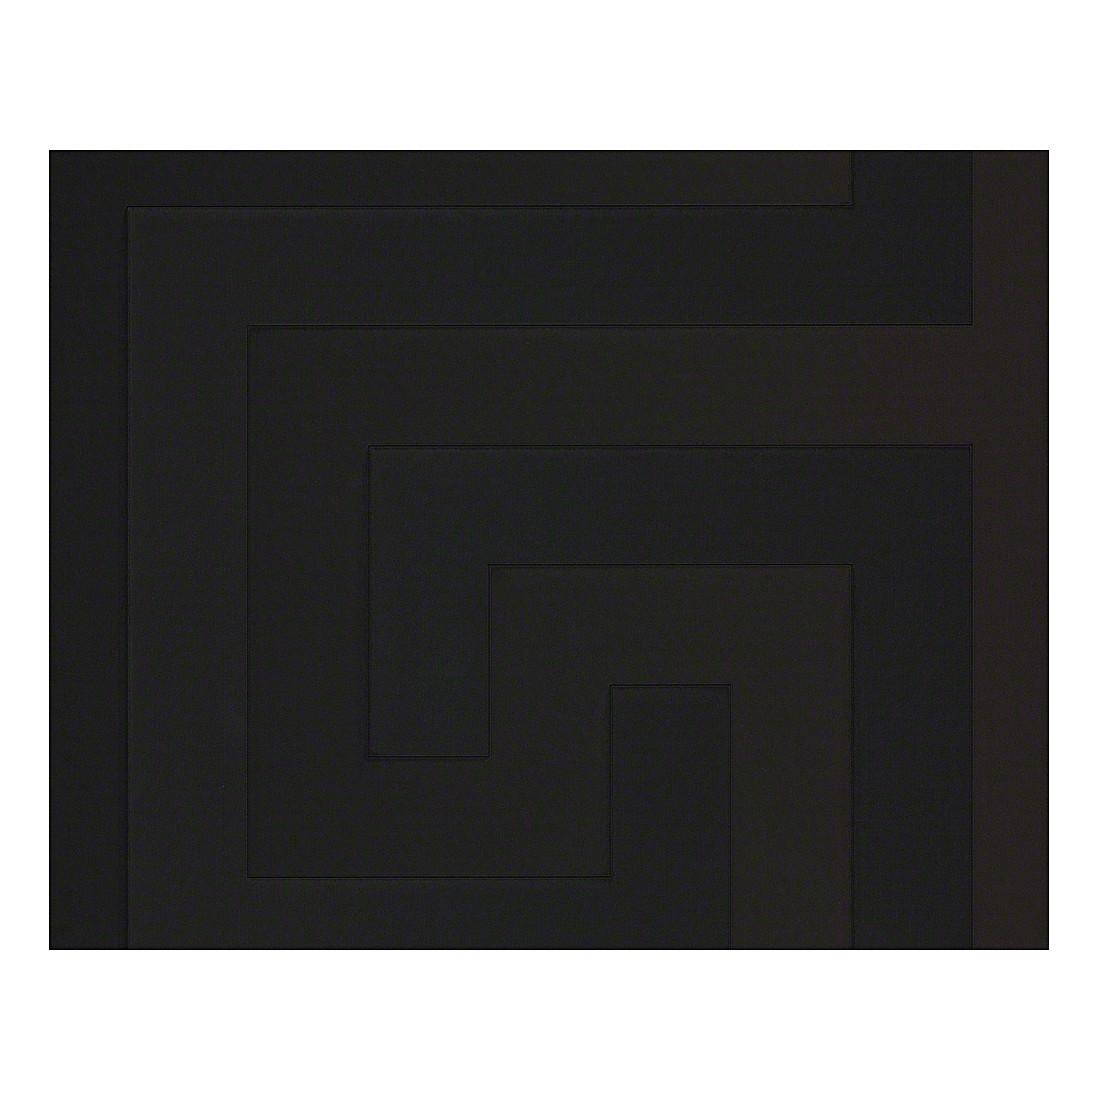 Tapete Greek – schwarz – fein strukturiert – glatt, VERSACE Home online kaufen